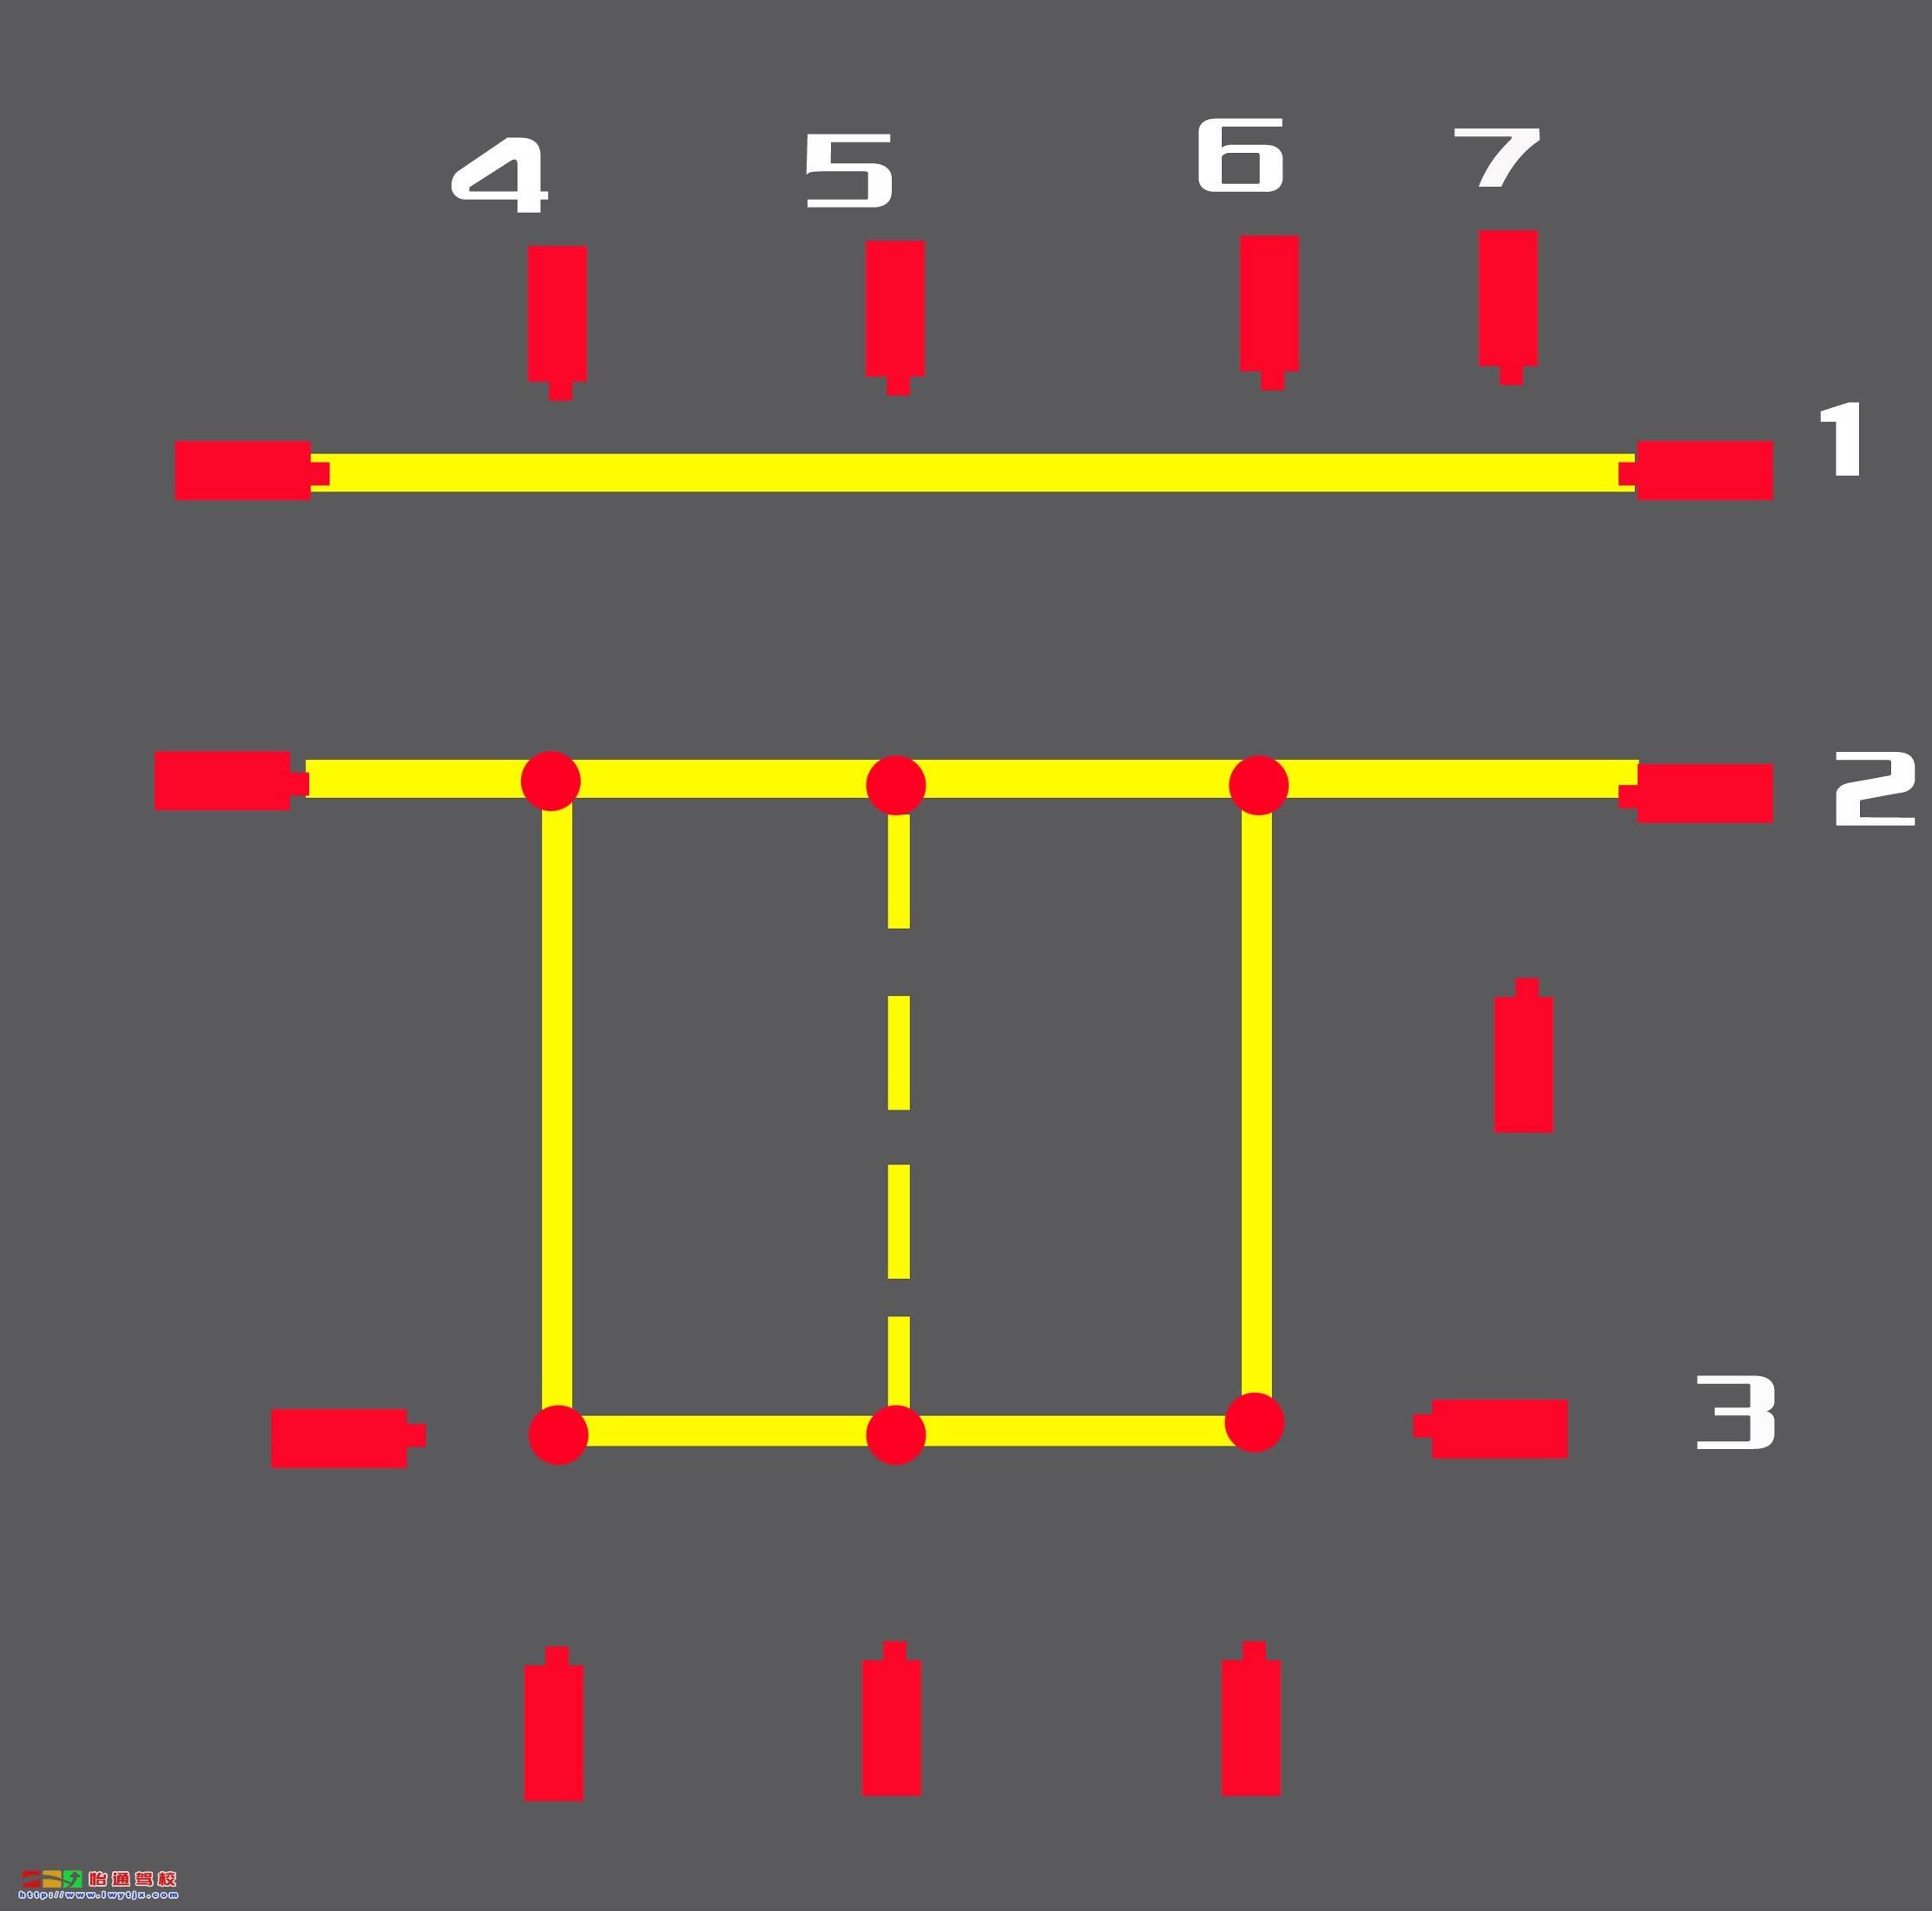 线光路,分别由红外线发射器和接收器组成,用于检测考车行驶中的悬空,6